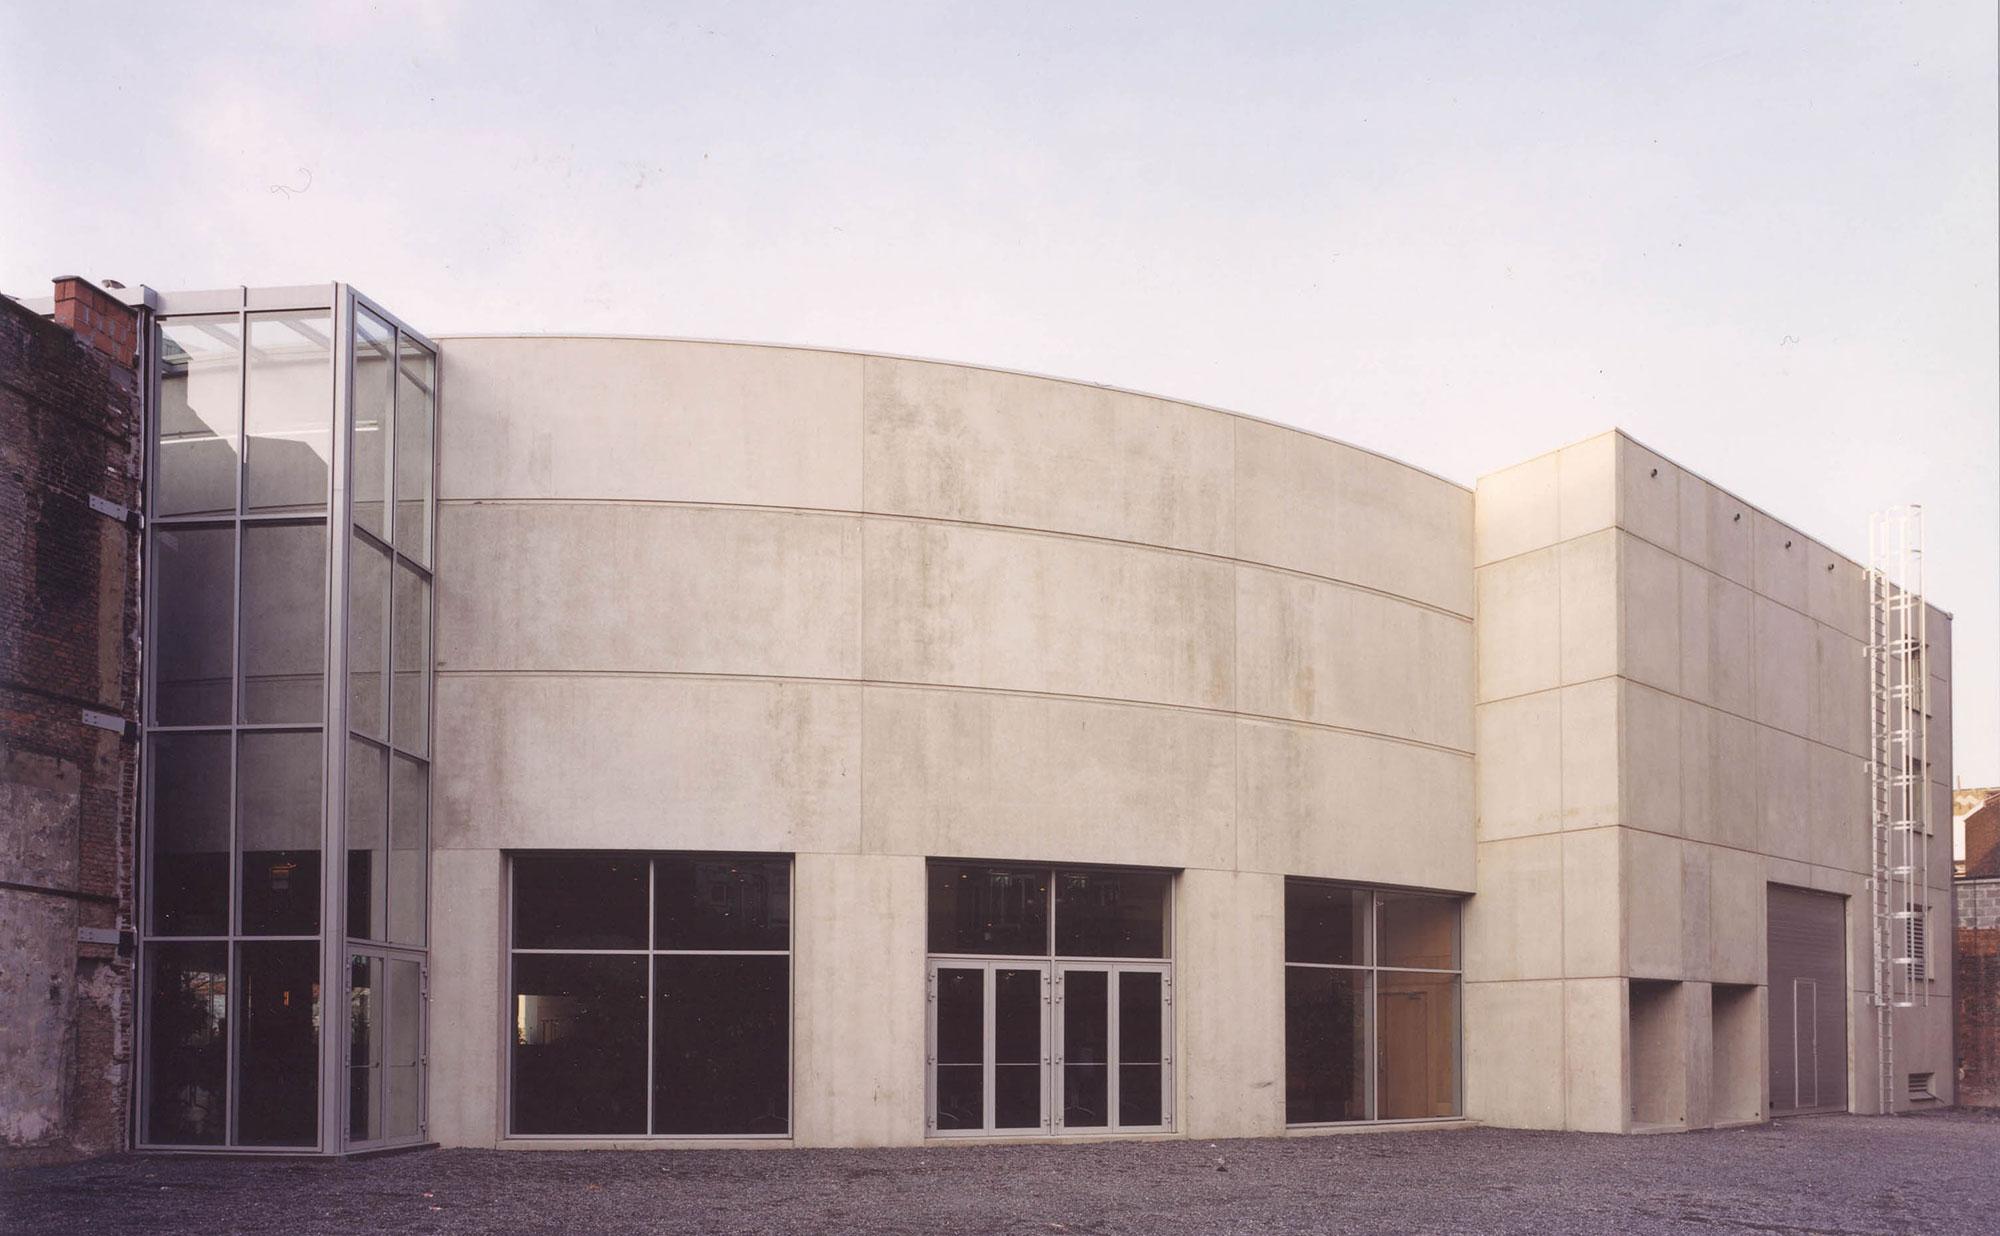 De achtergevel van de zuiderkroon werd gerealiseerd uit beton.